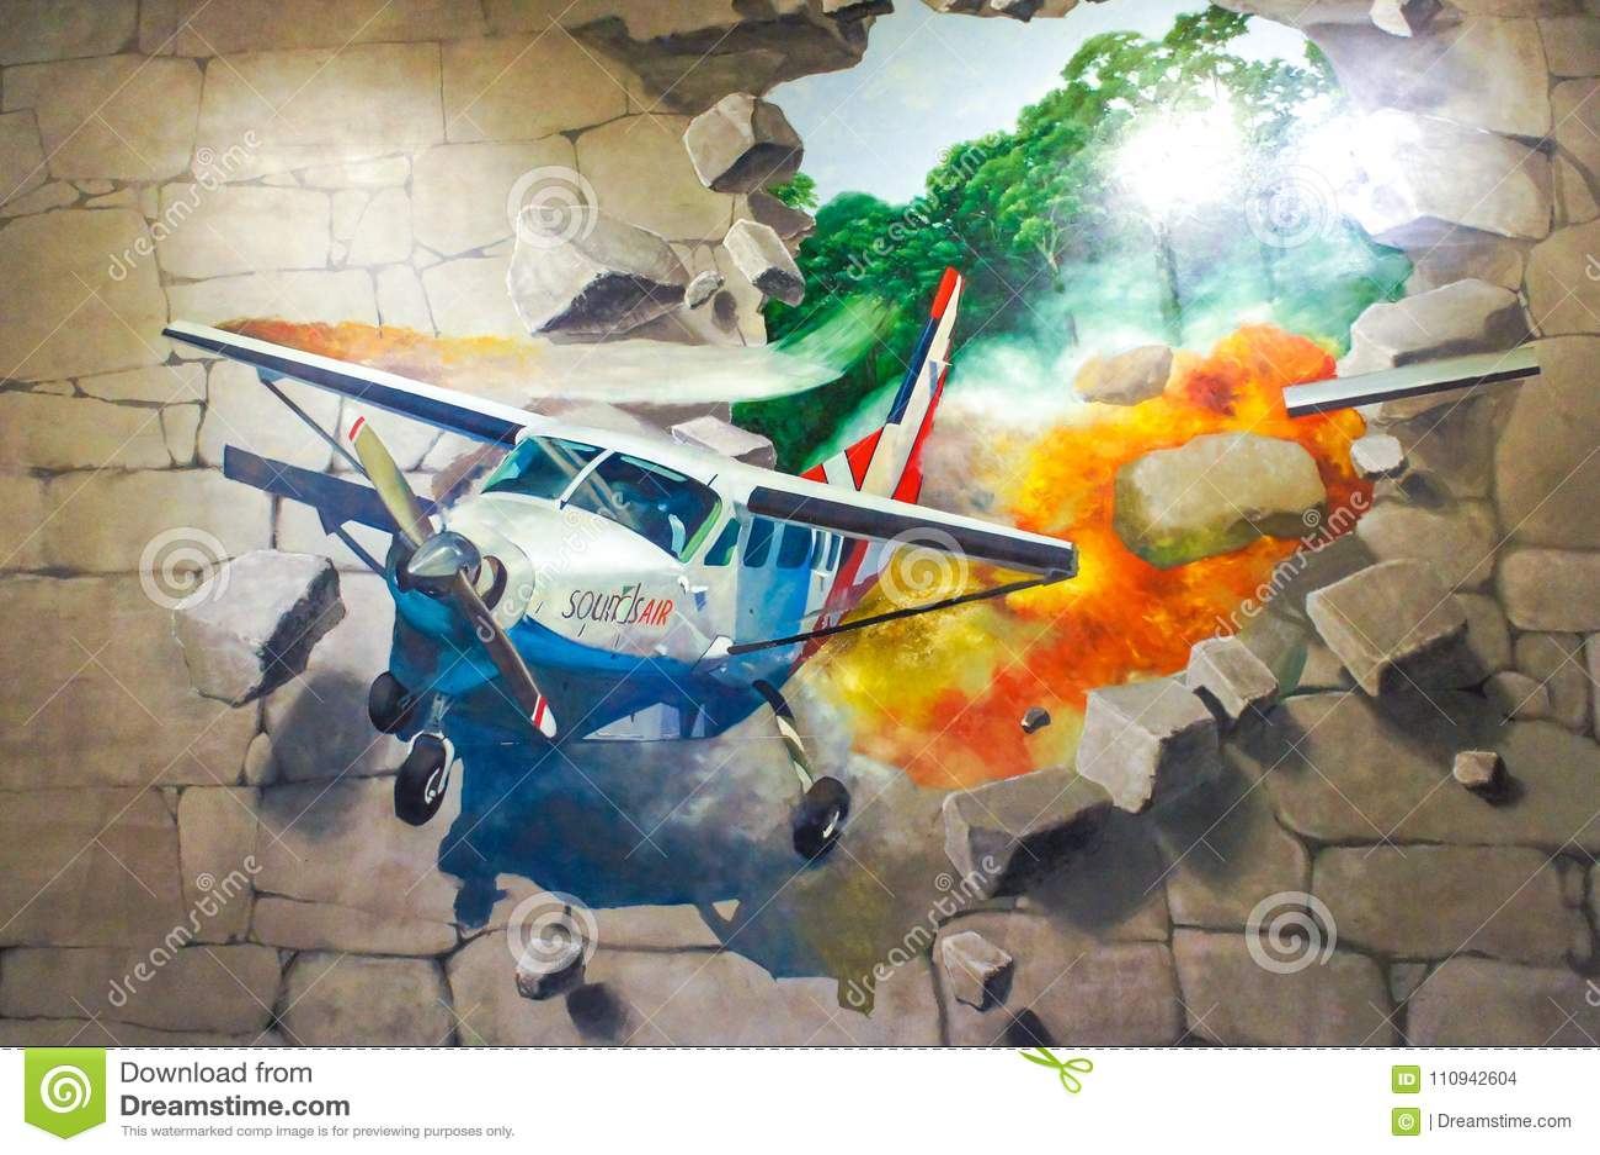 Фото настенной живописи 3D падая самолета управляло из каменной кирпичной стены